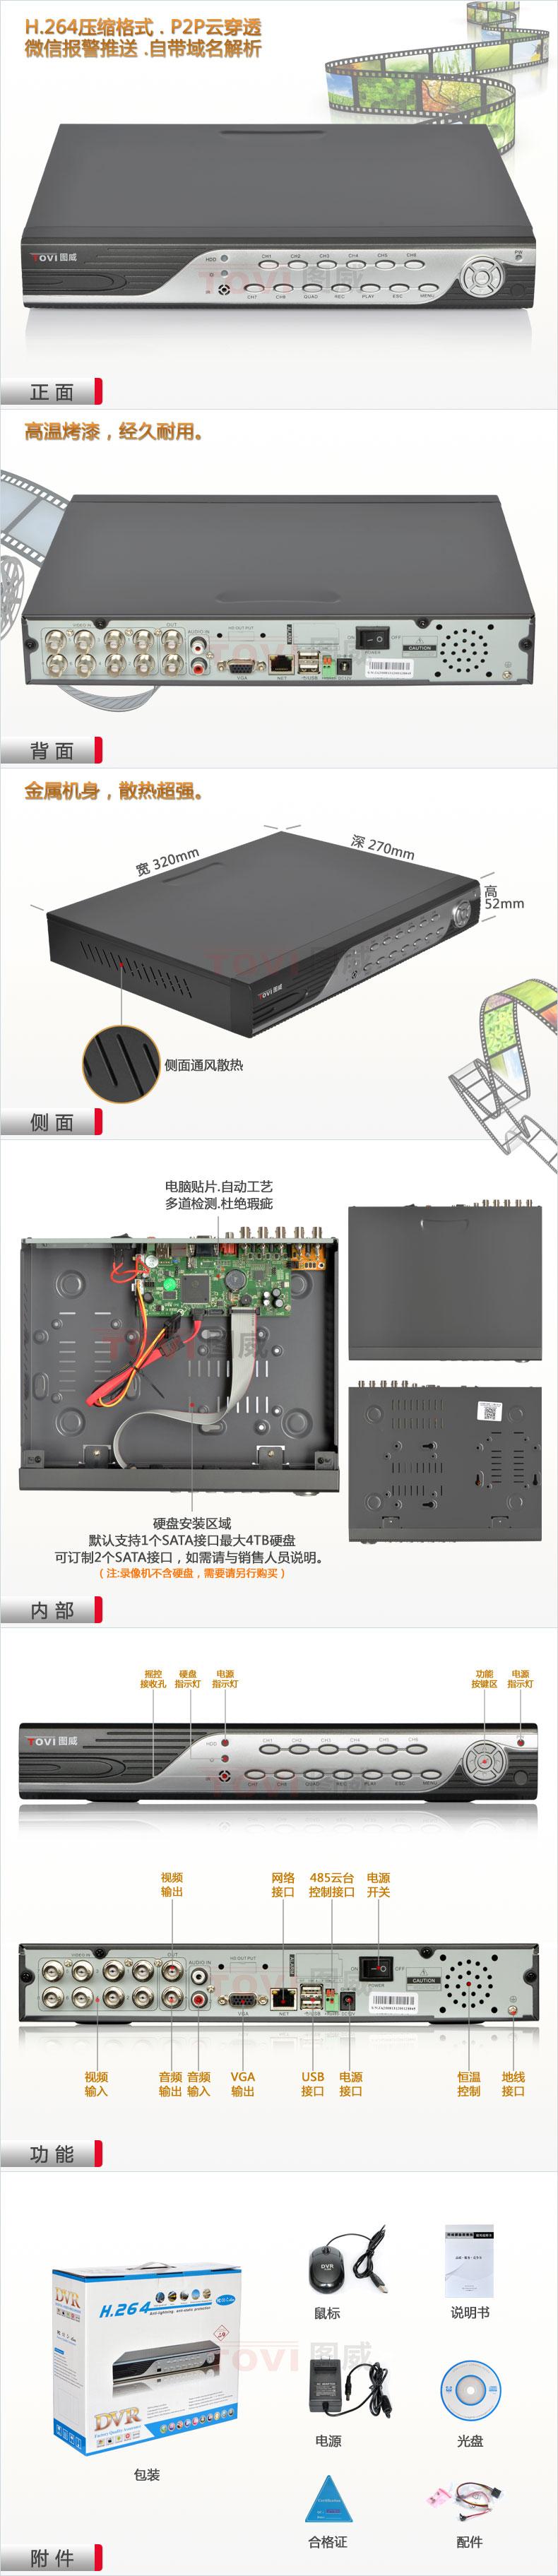 图威TV-DVR2008C硬盘录像机产品展示